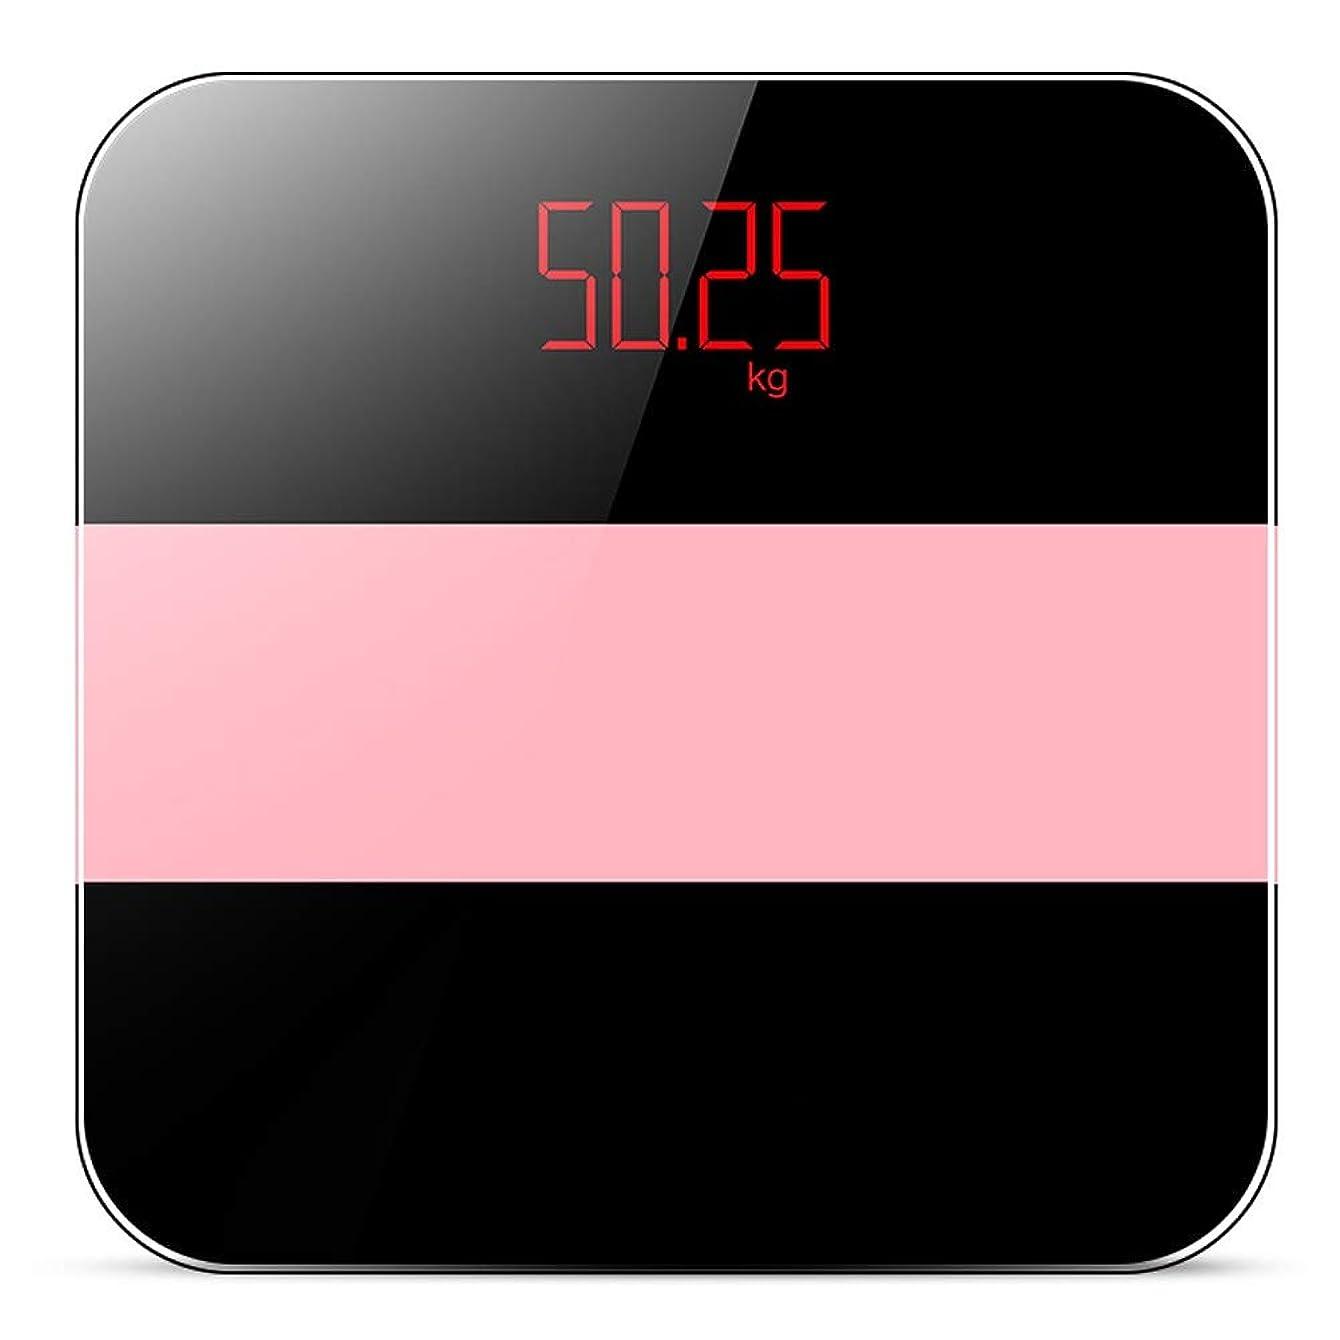 応じるベルベット追い出す再充電可能な電子家の精密体重計、大人の小さいボディスケール - 11x11x0.9inch LJKHFD (Color : Black pink)